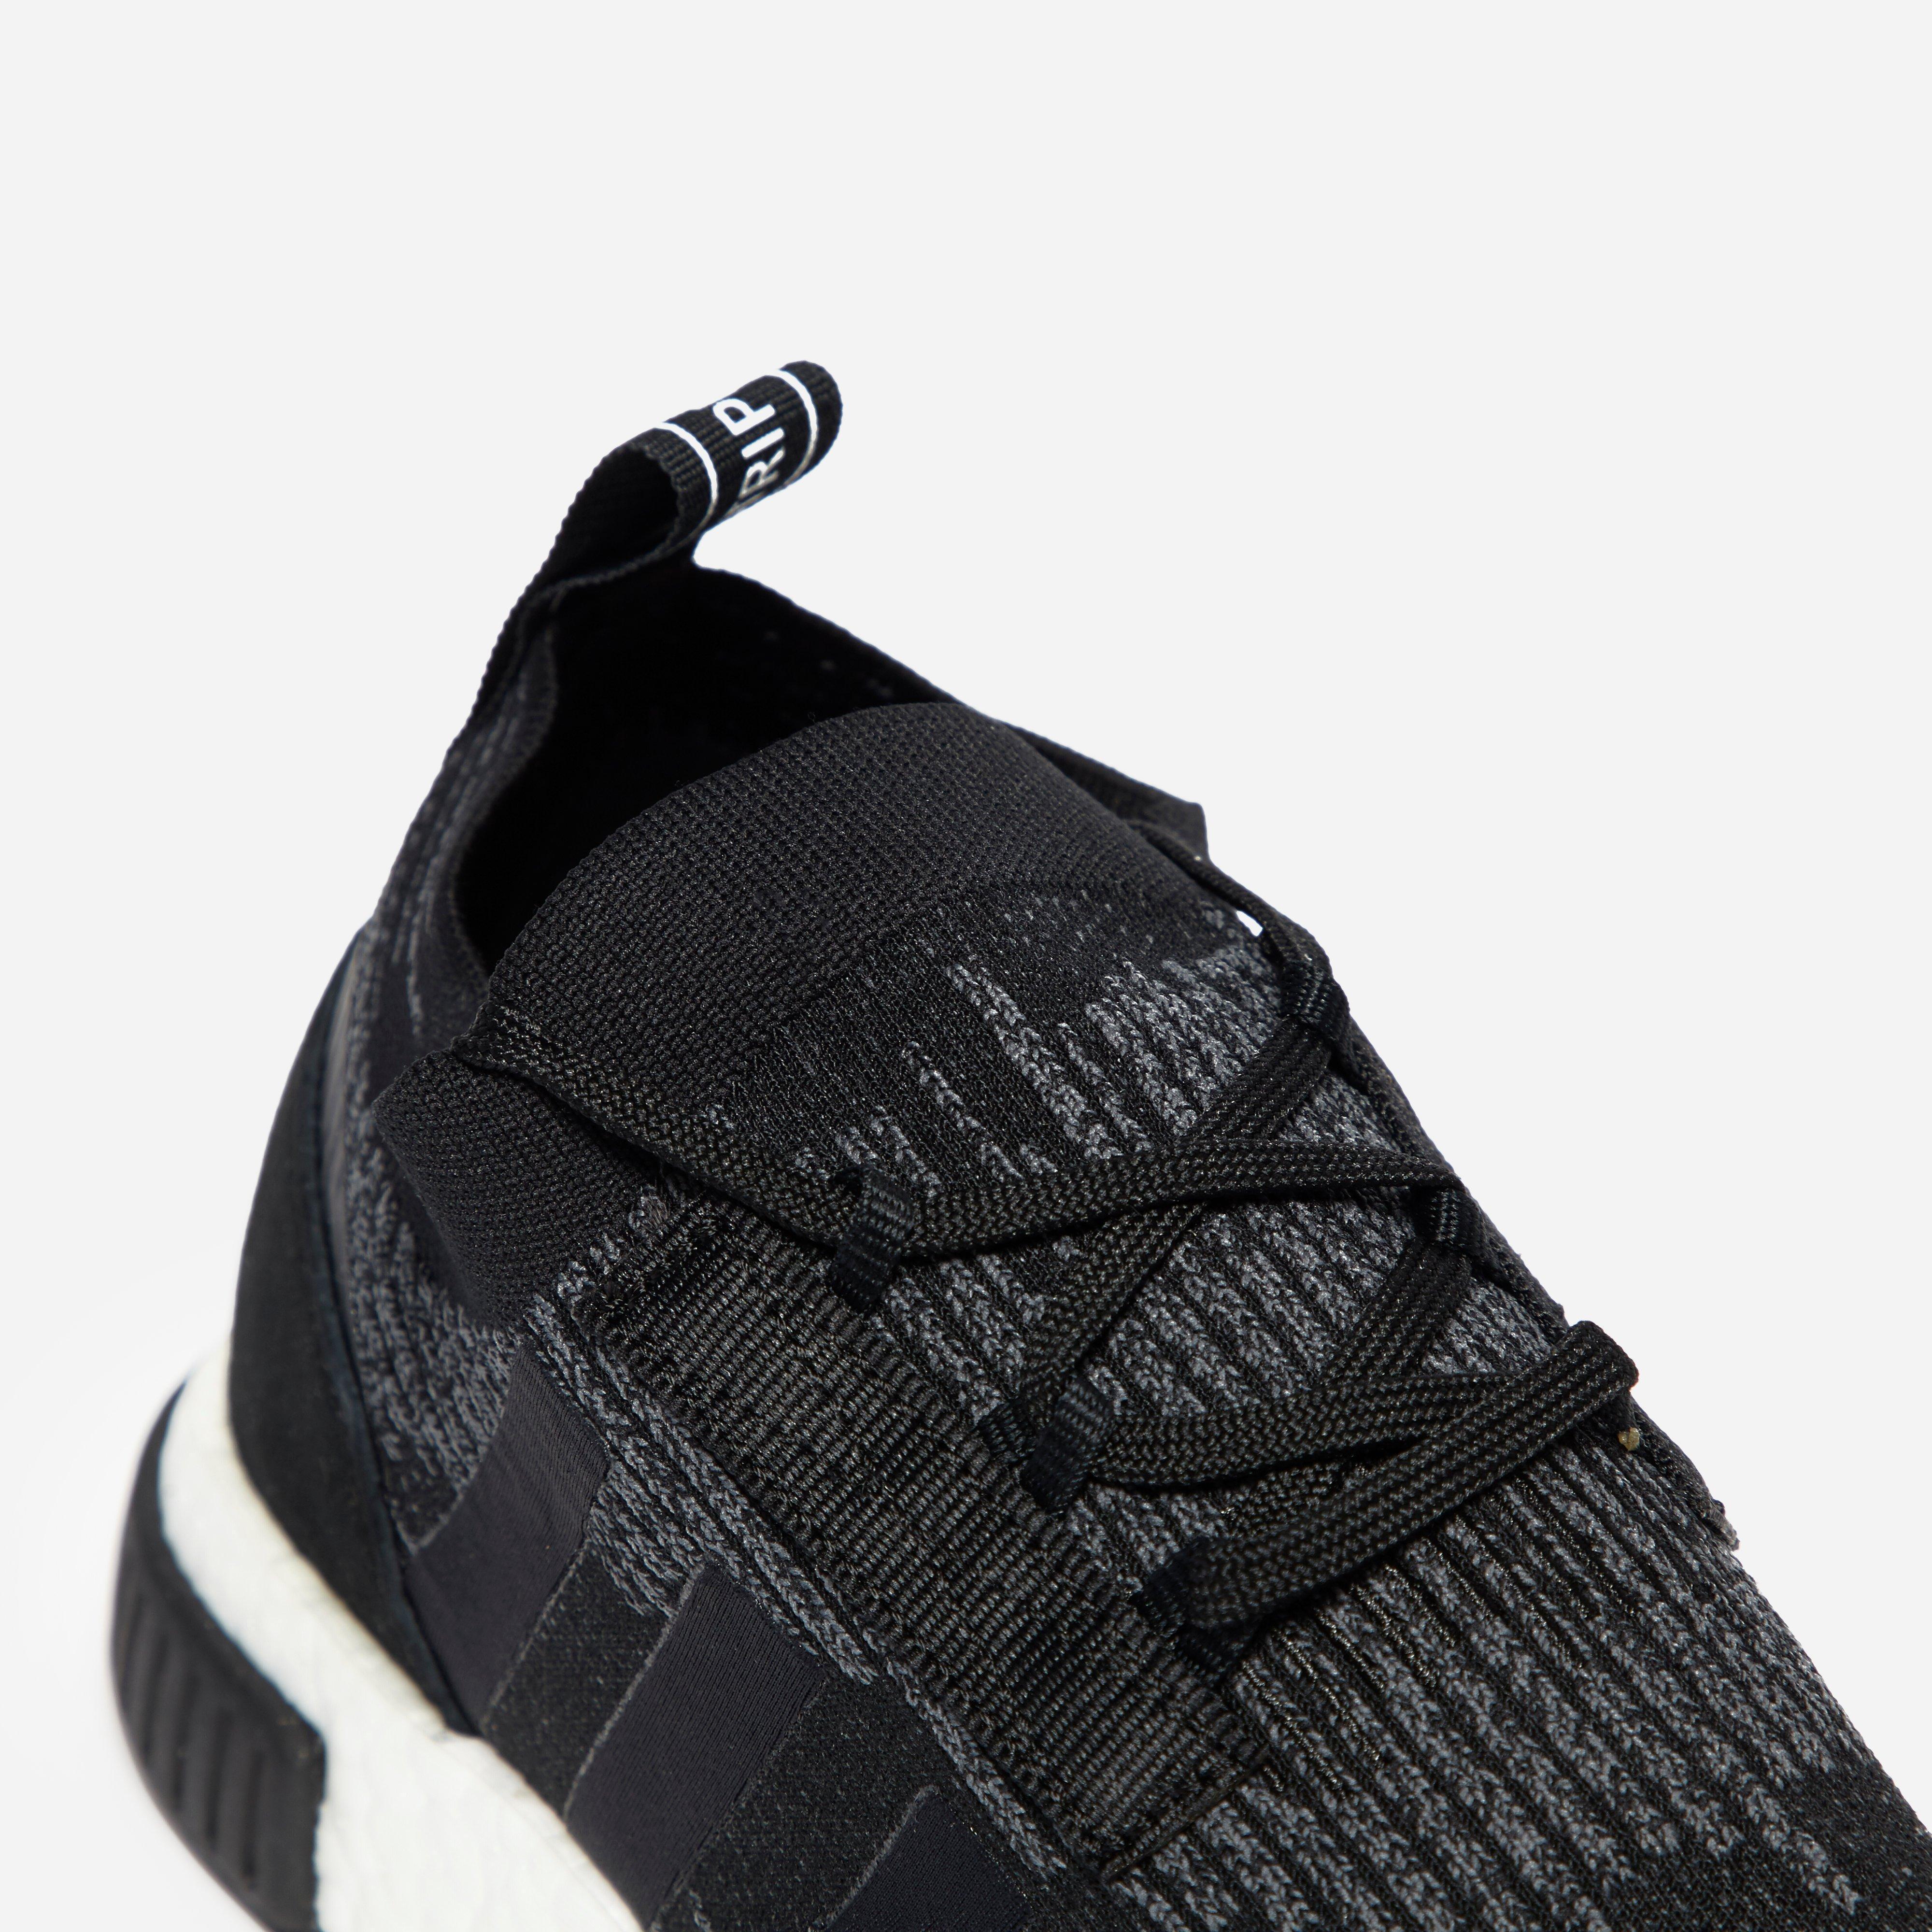 52743fad382f5 Adidas Originals - Black Nmd Racer Pk for Men - Lyst. View fullscreen